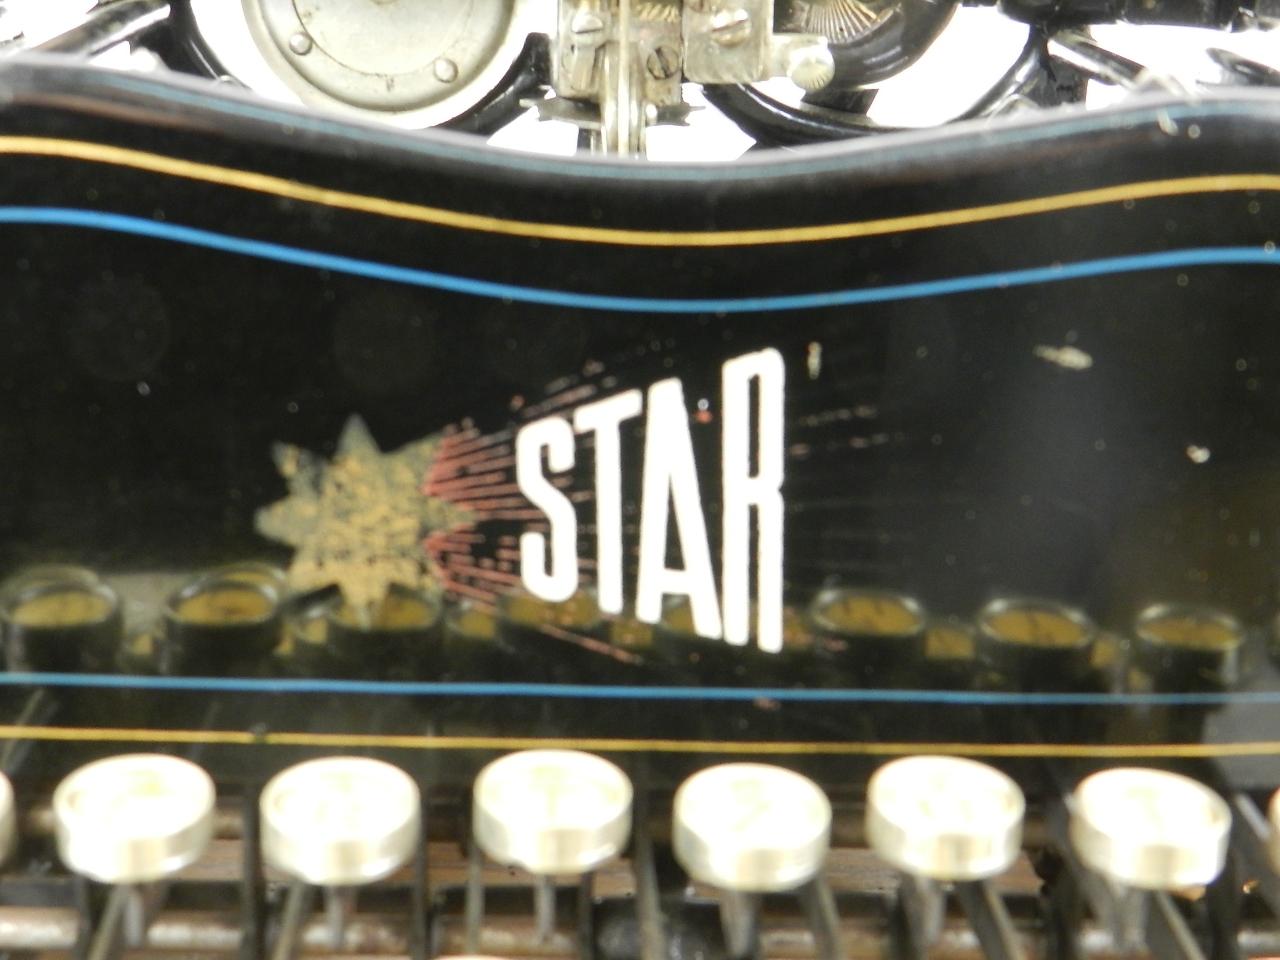 Imagen STAR  AÑO  1901 27051